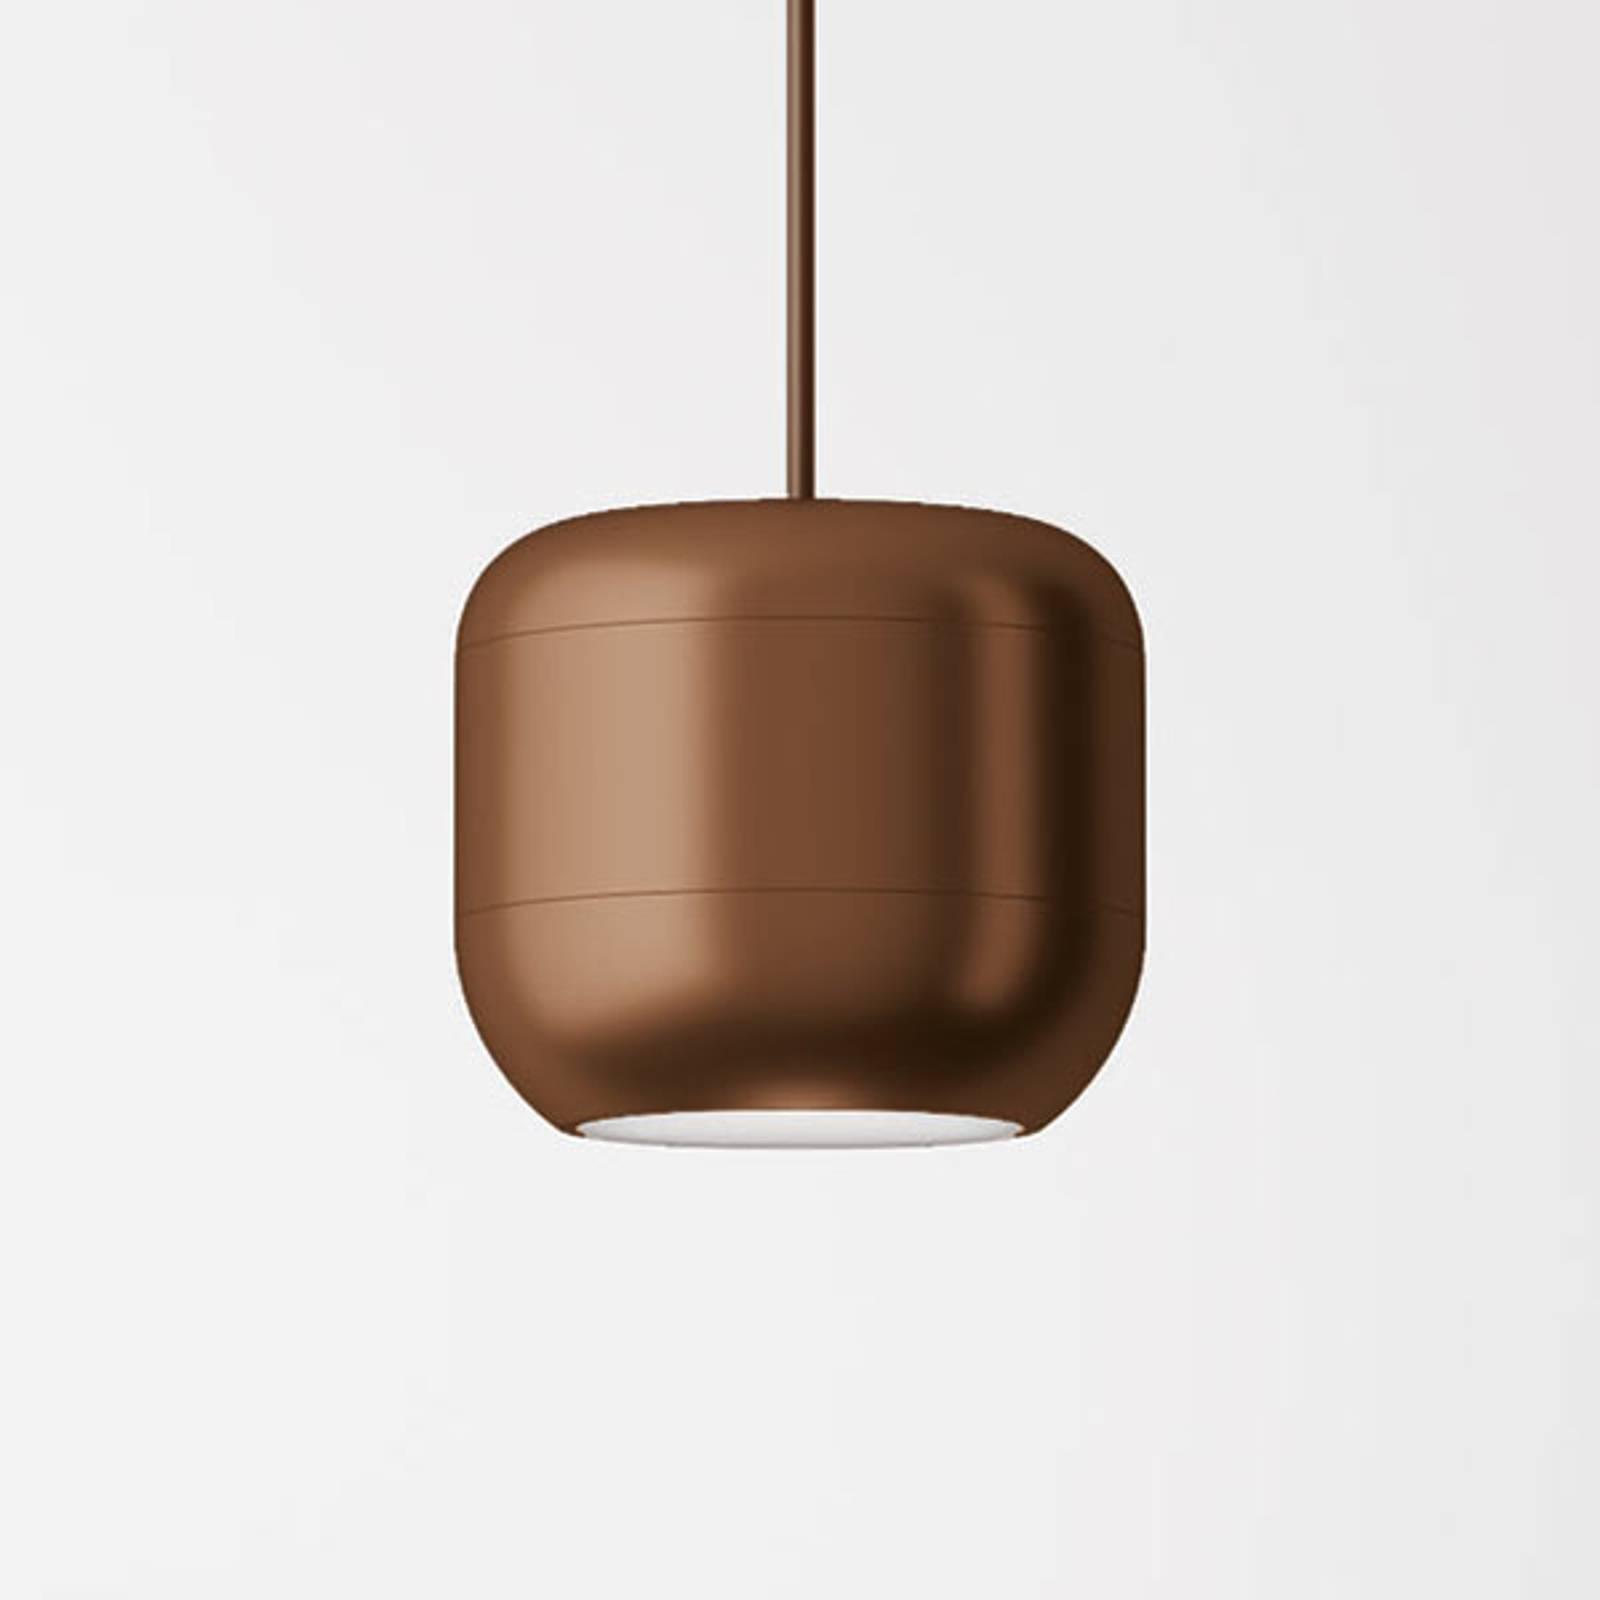 Axolight Urban LED hanglamp 16 cm brons mat